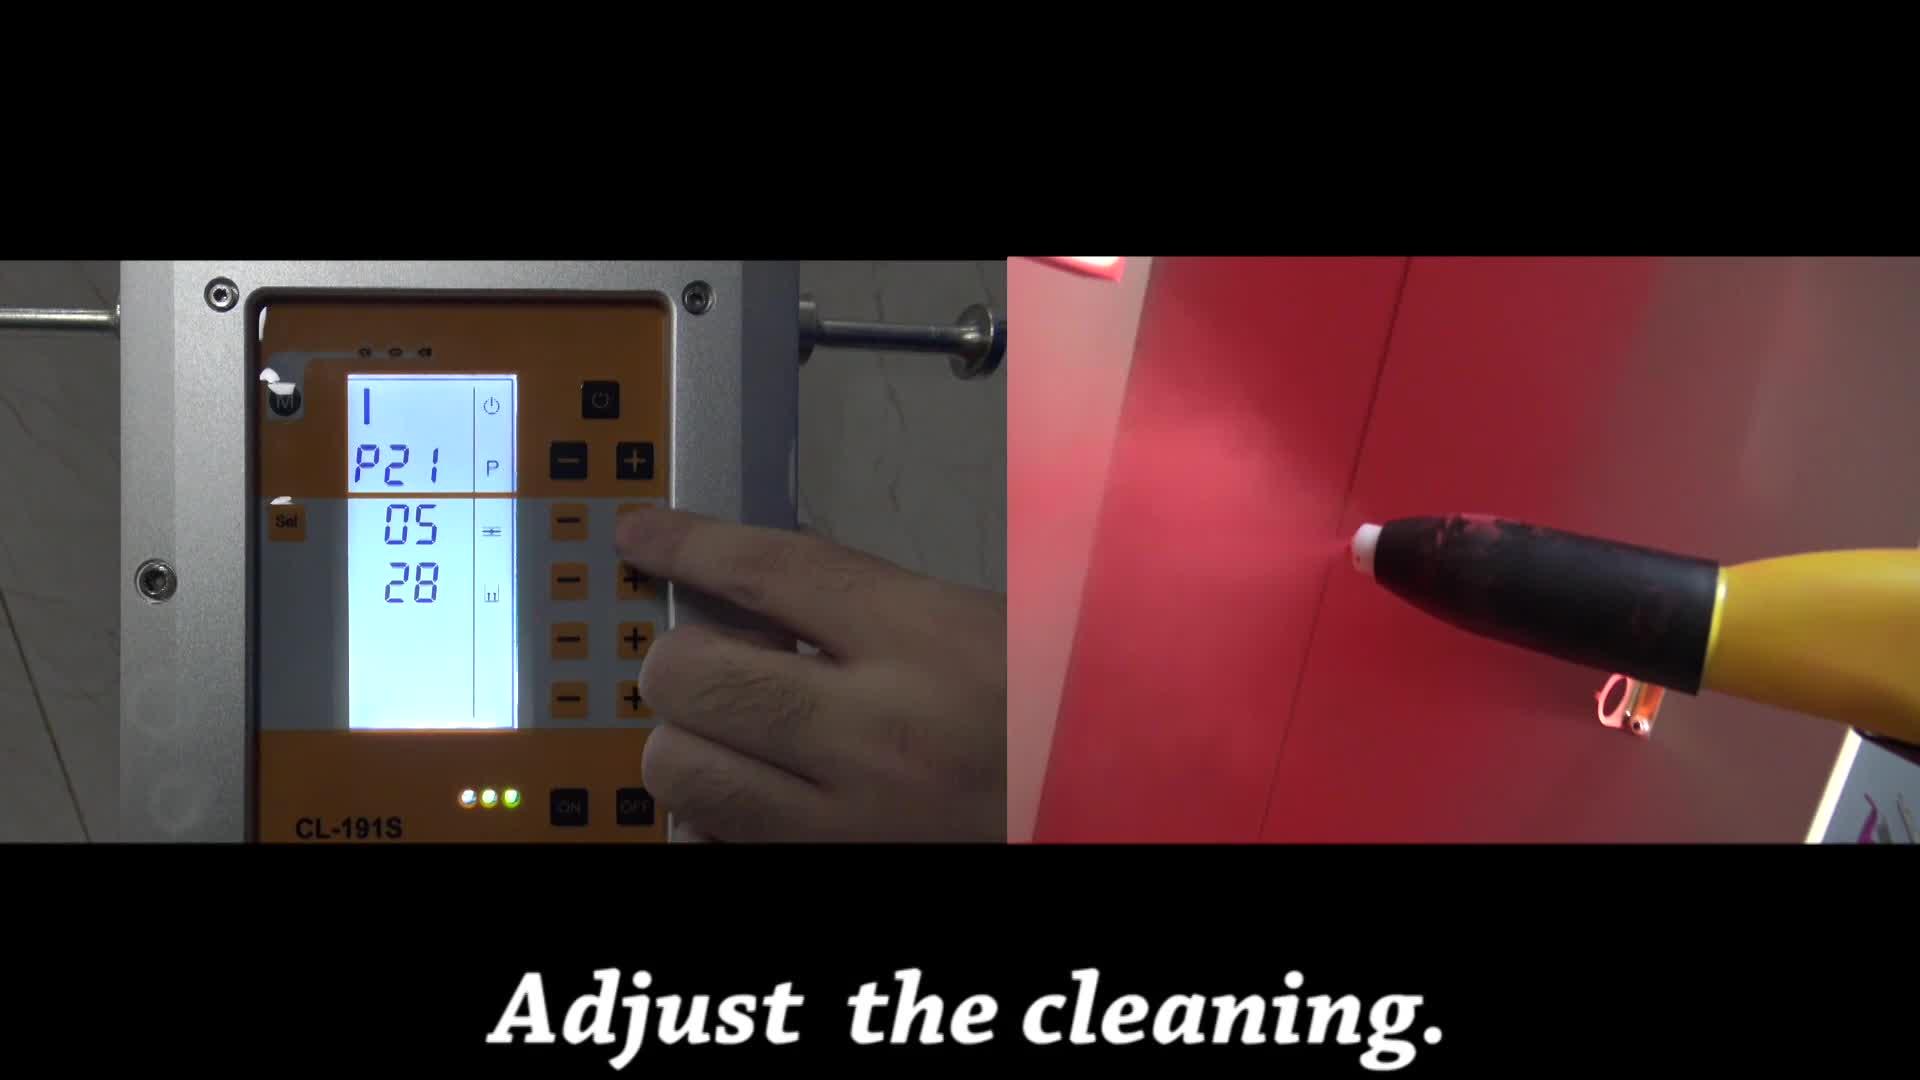 קטן אבקת ציפוי כוס לבדיקת מעבדה אבקת תרסיס מכונה